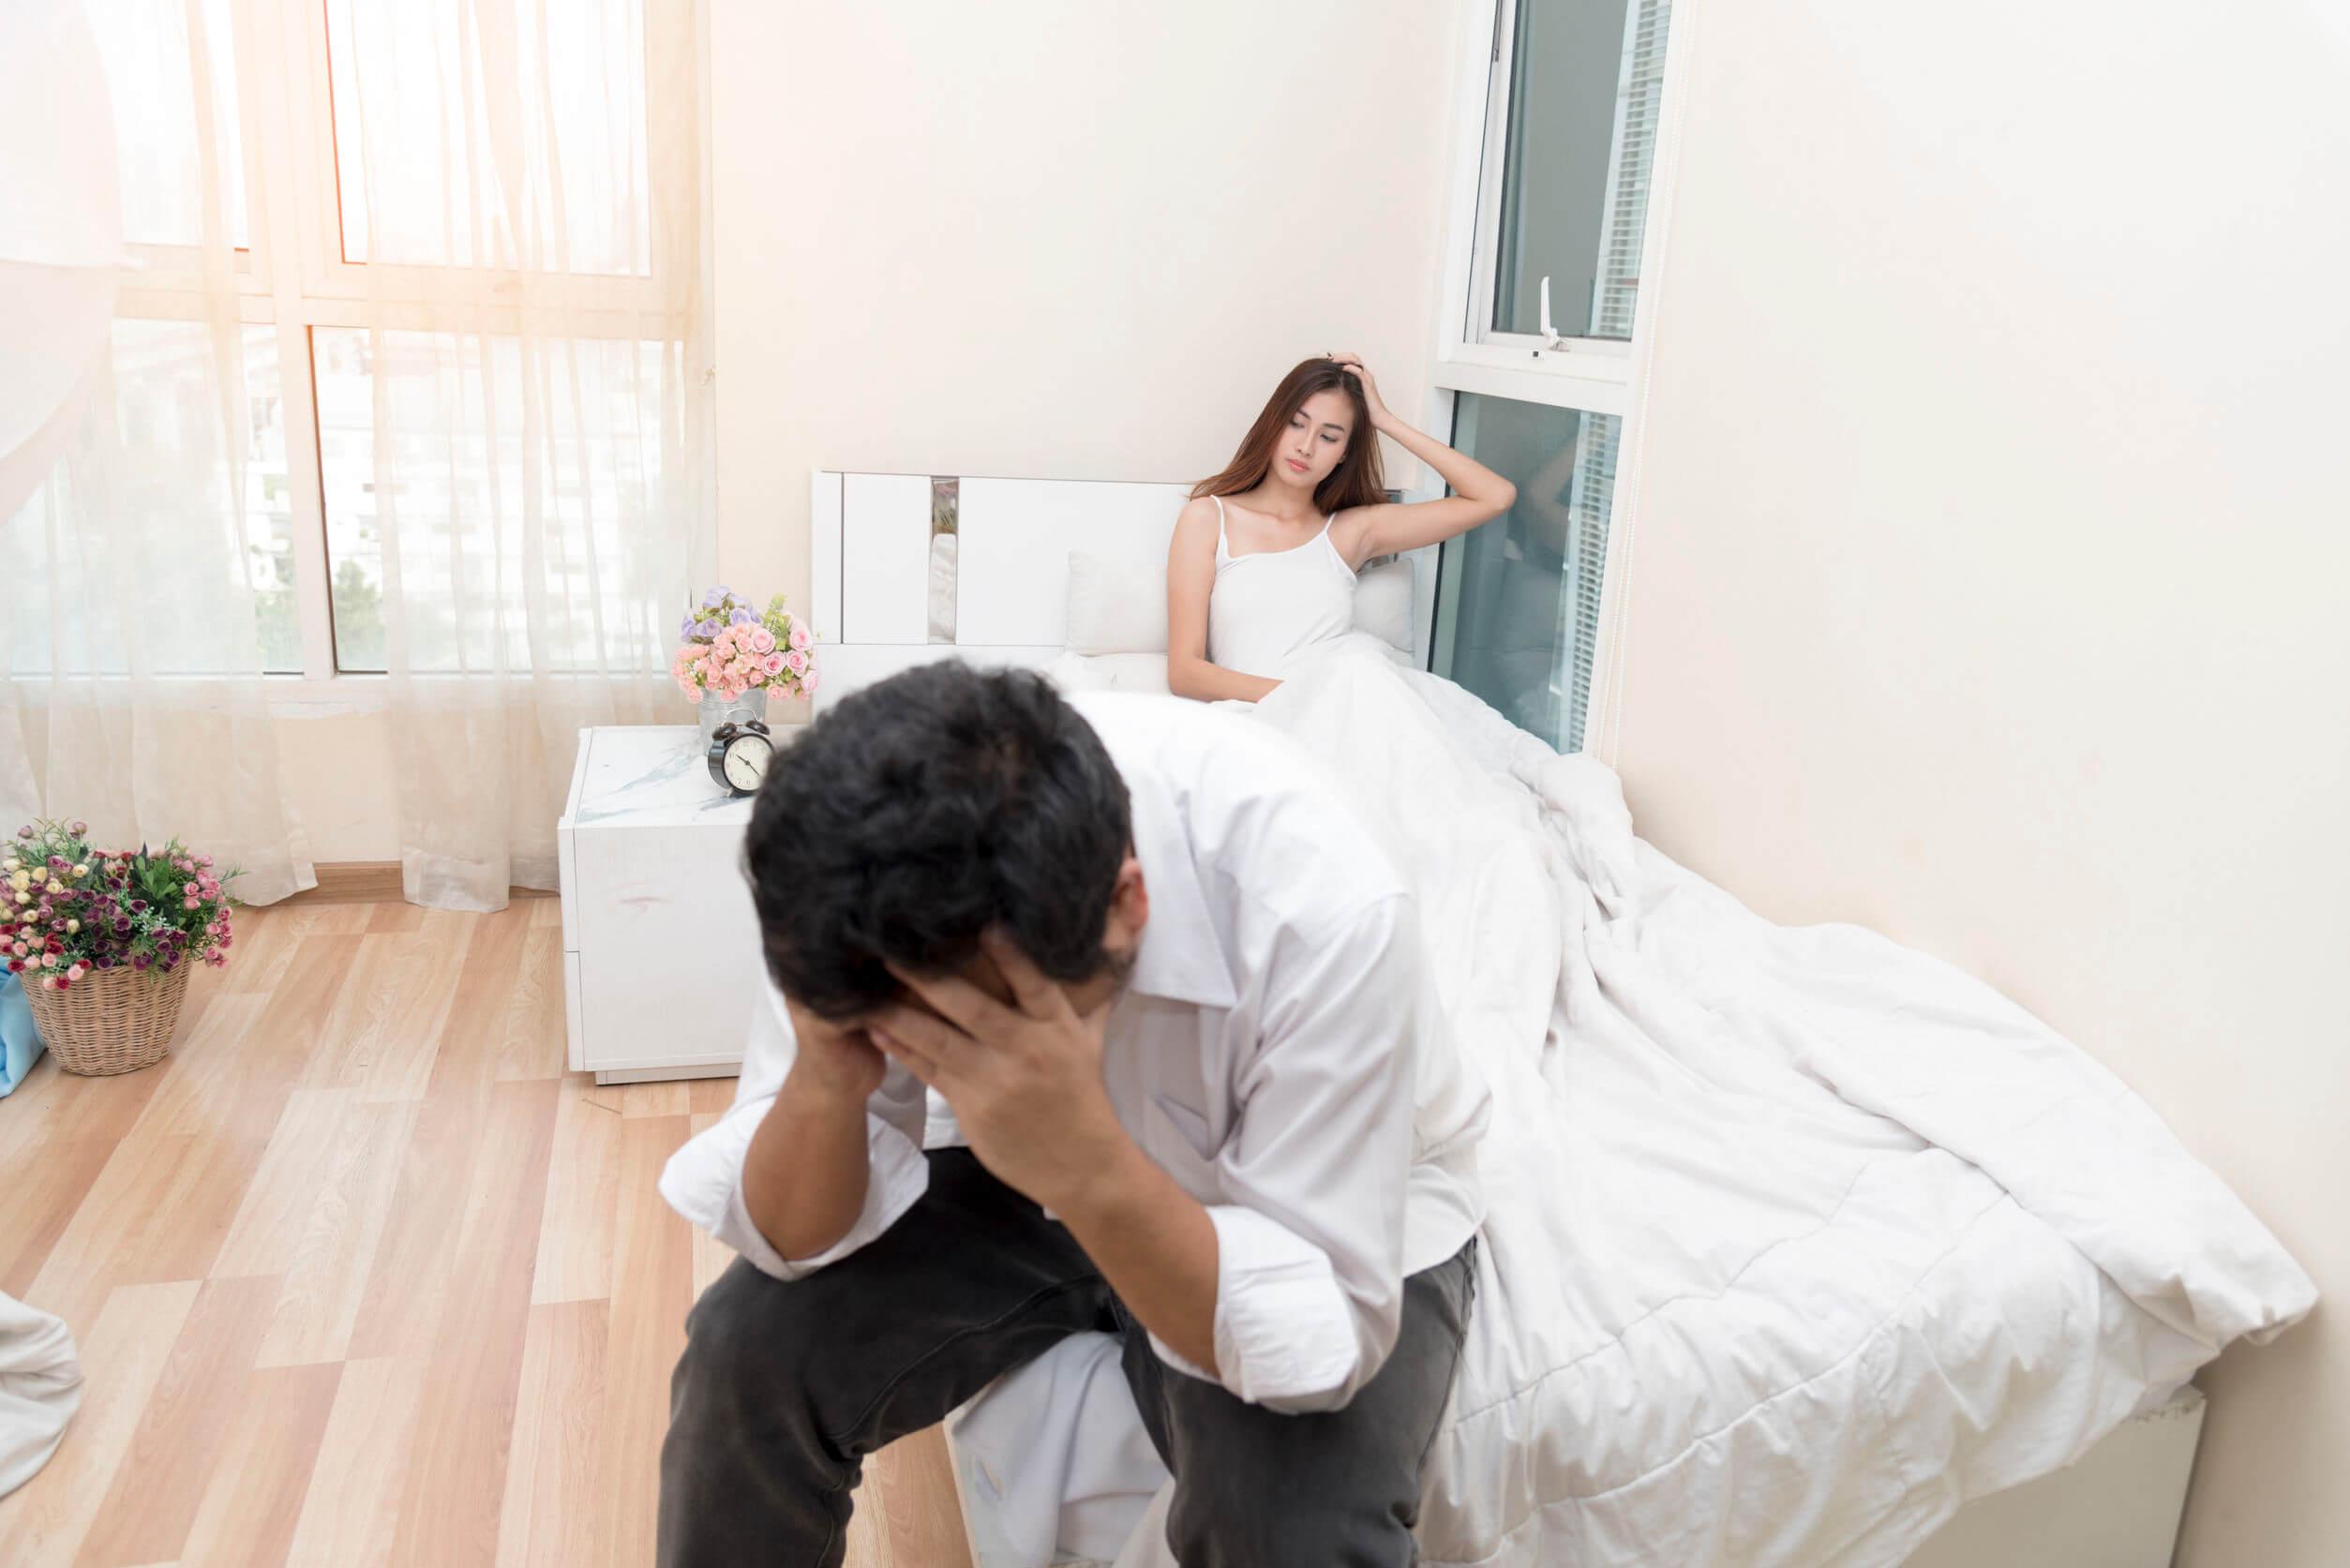 Las enfermedades de transmisión sexual pueden traer problemas de familia.